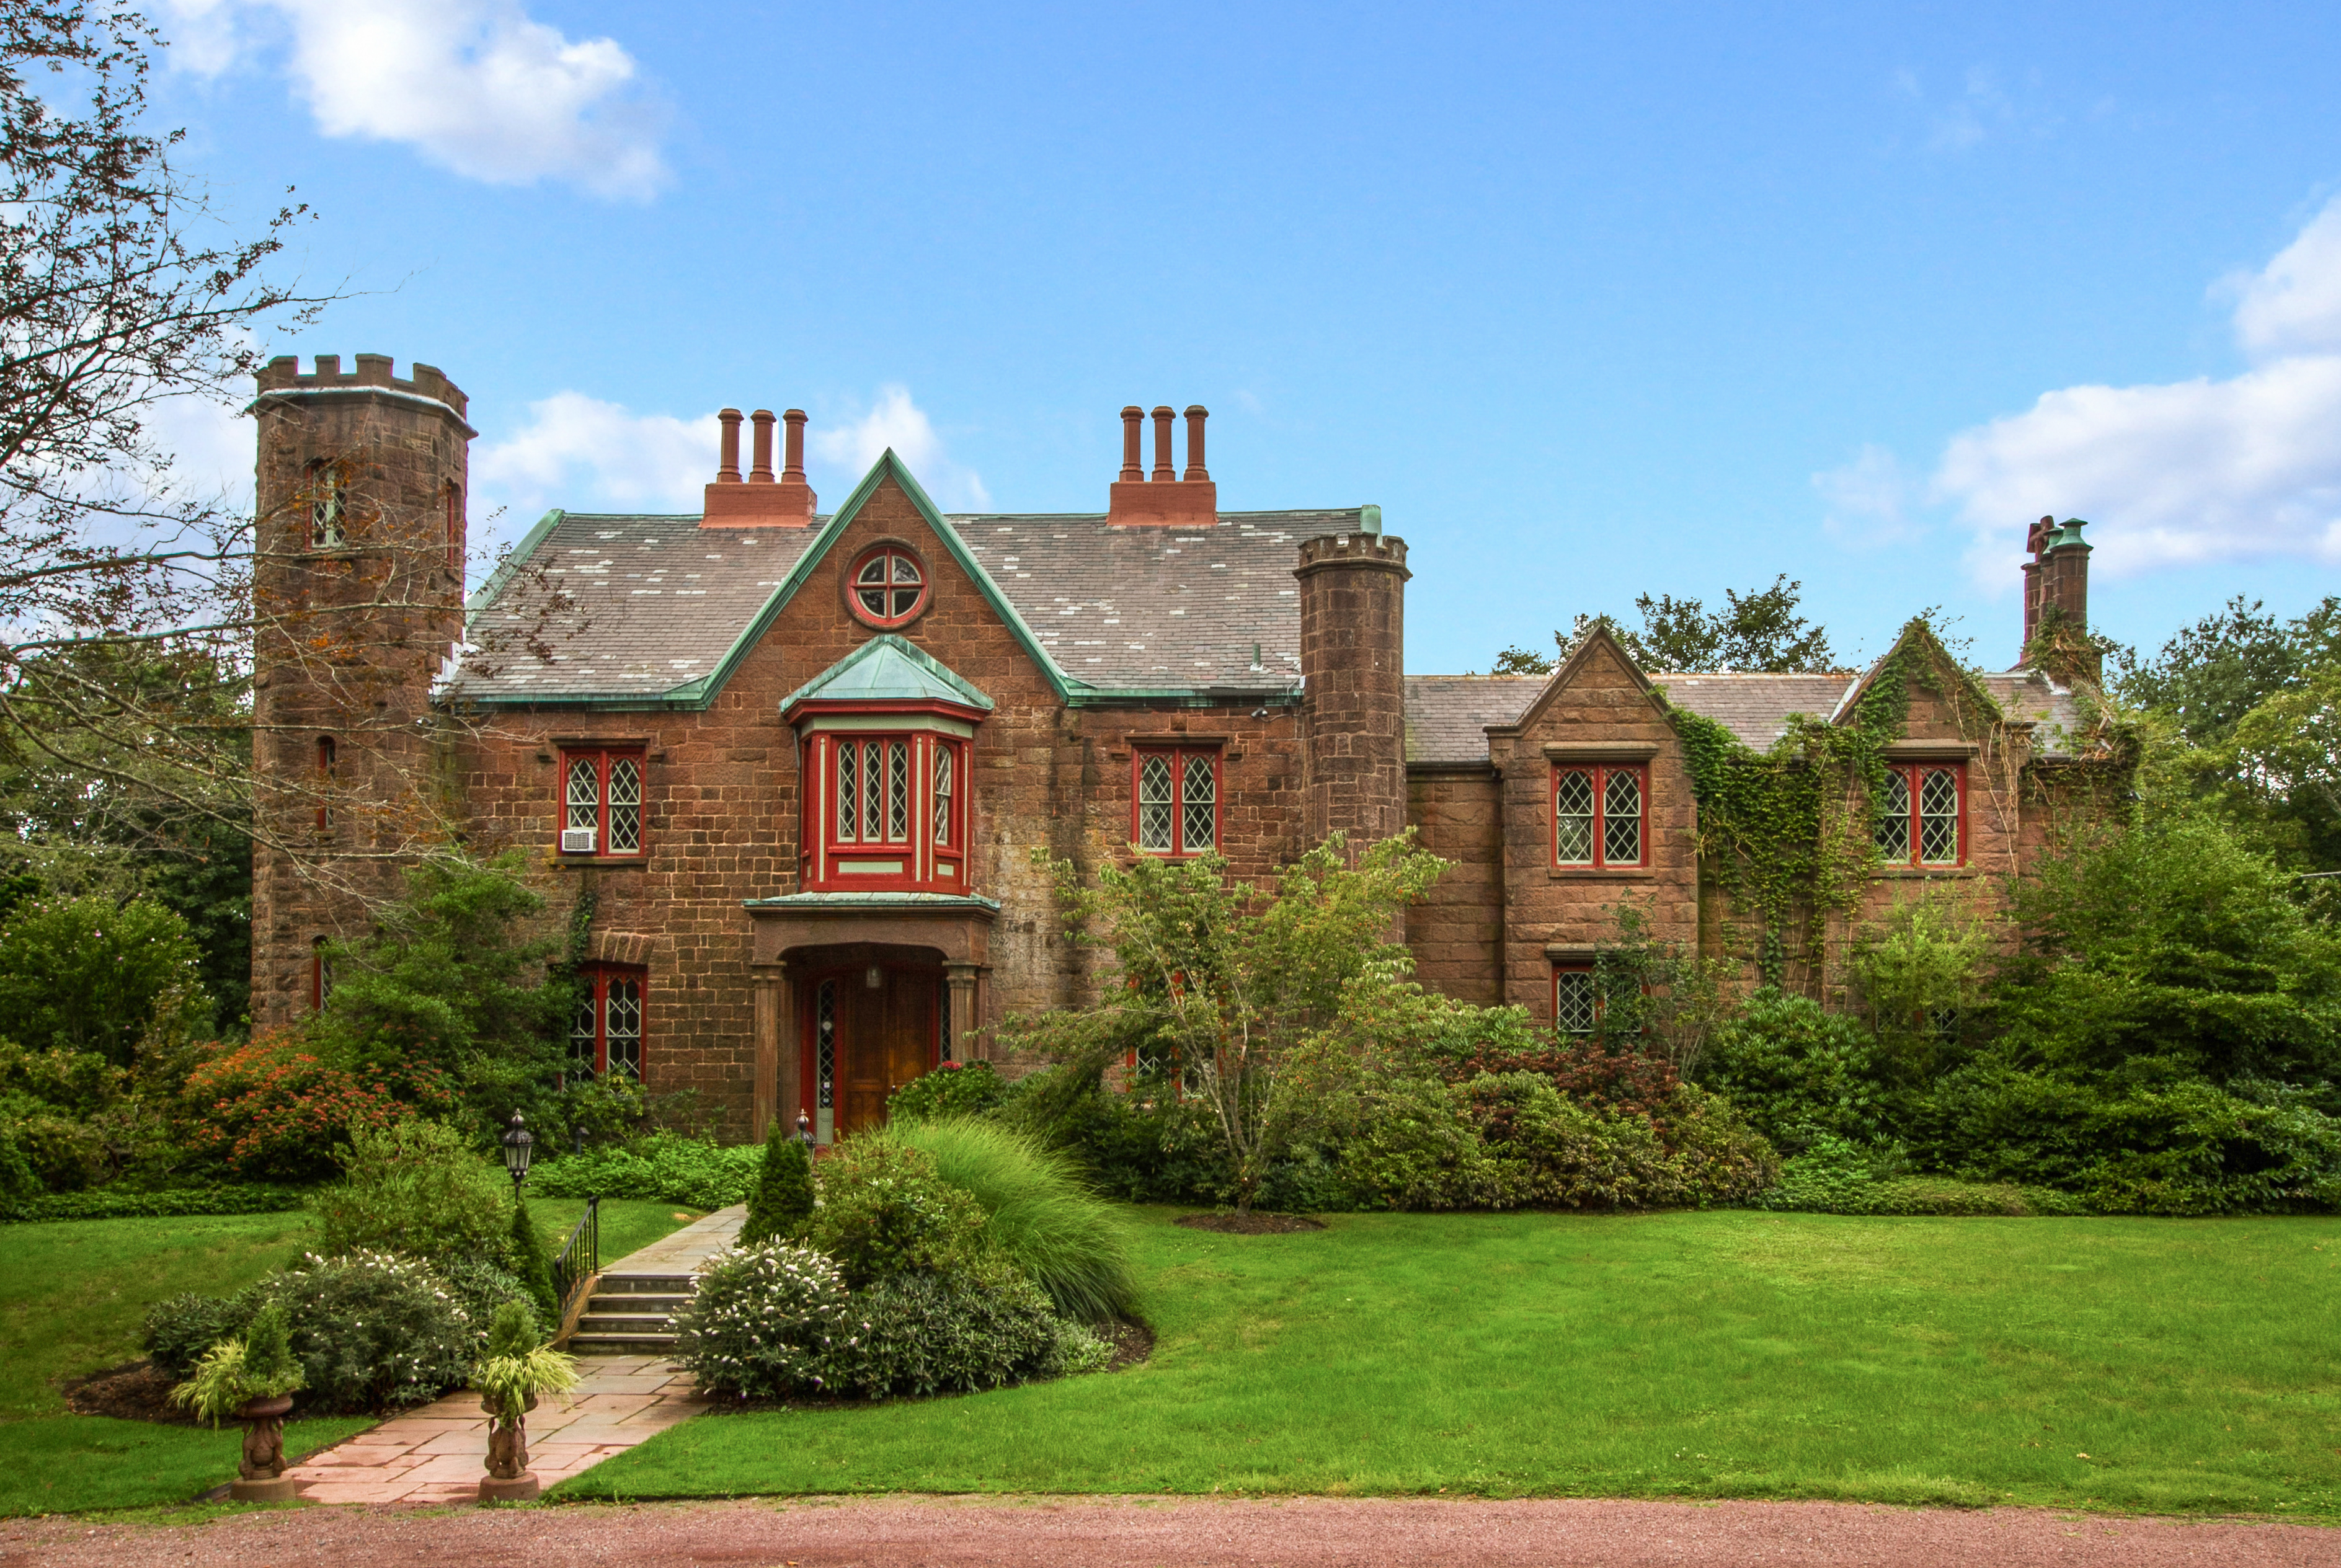 Lila Delman Real Estate Announces Significant Sale of Malbone in Newport, Rhode Island